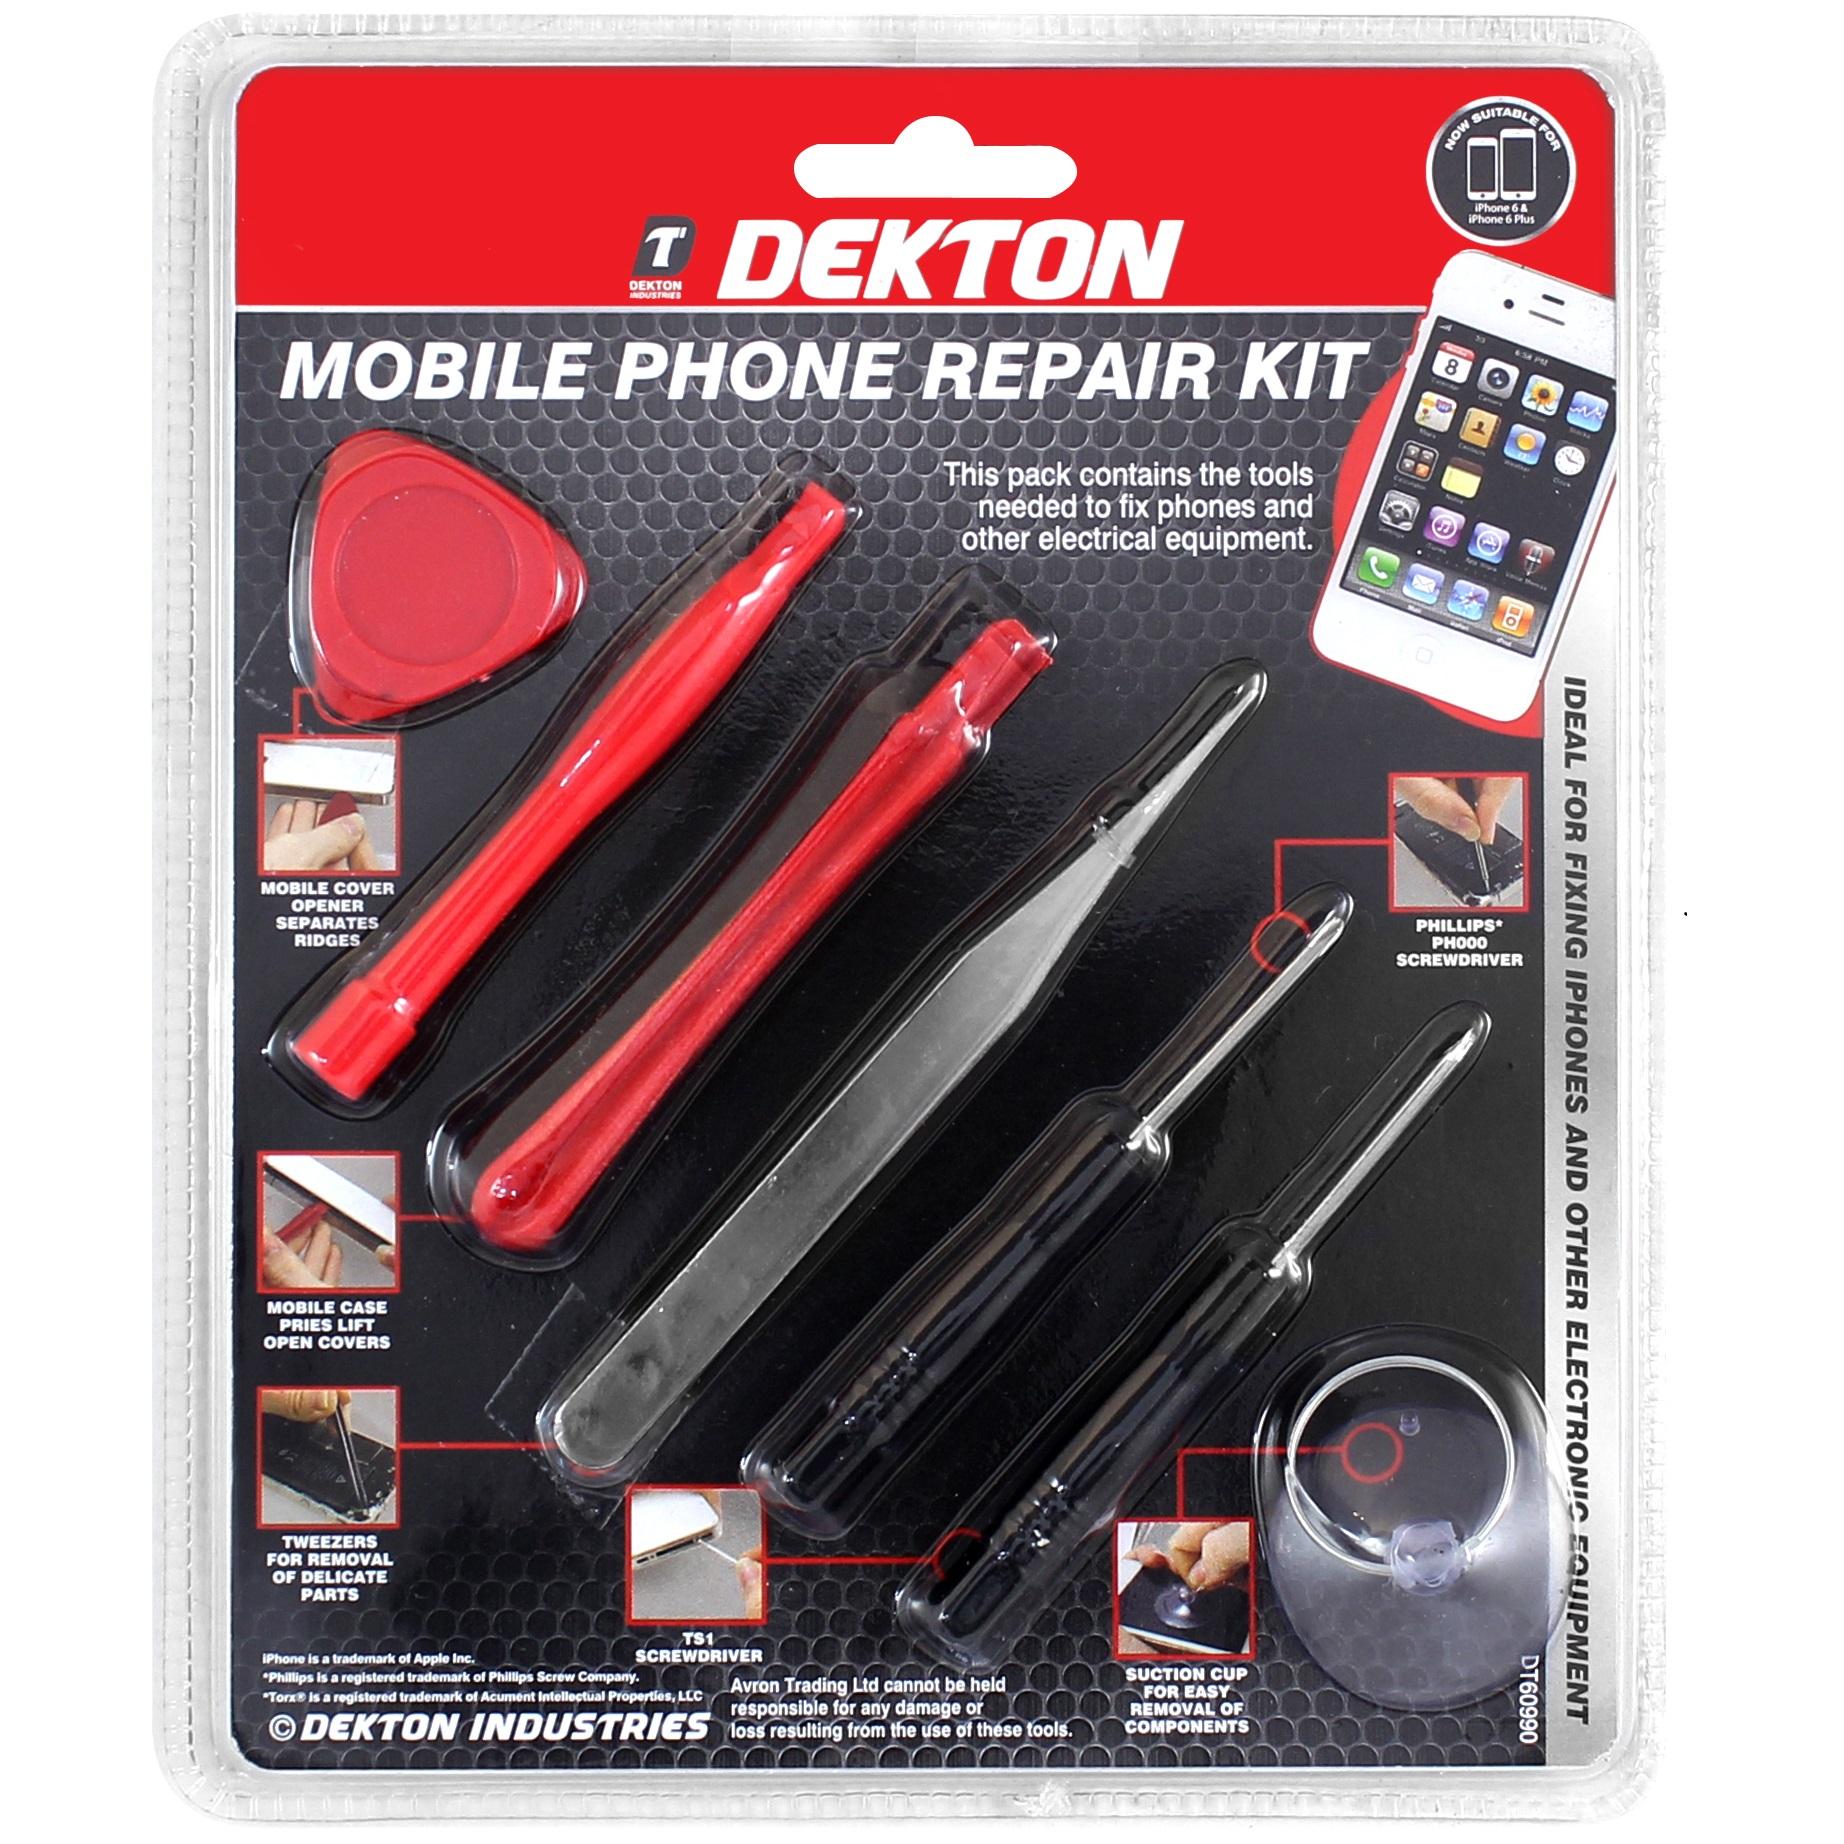 7pc dekton handy reparatur werkzeuge set display schraubendreher iphone samsung 5055441407005 ebay. Black Bedroom Furniture Sets. Home Design Ideas